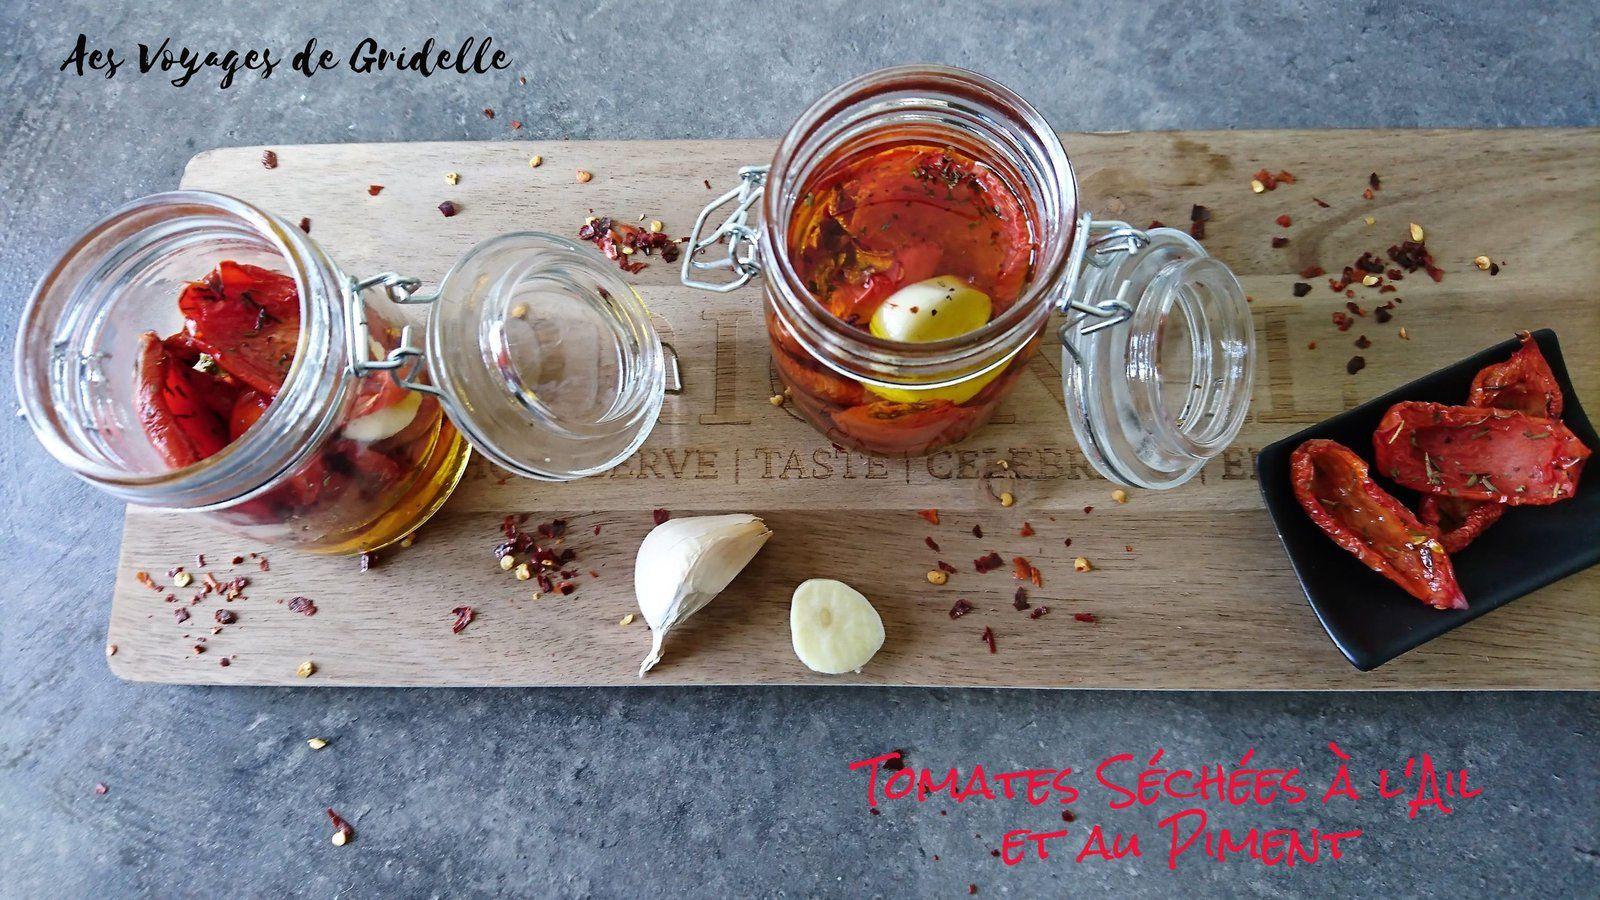 Tomates Séchées à l'Ail et au Piment - Les Voyages de Gridelle